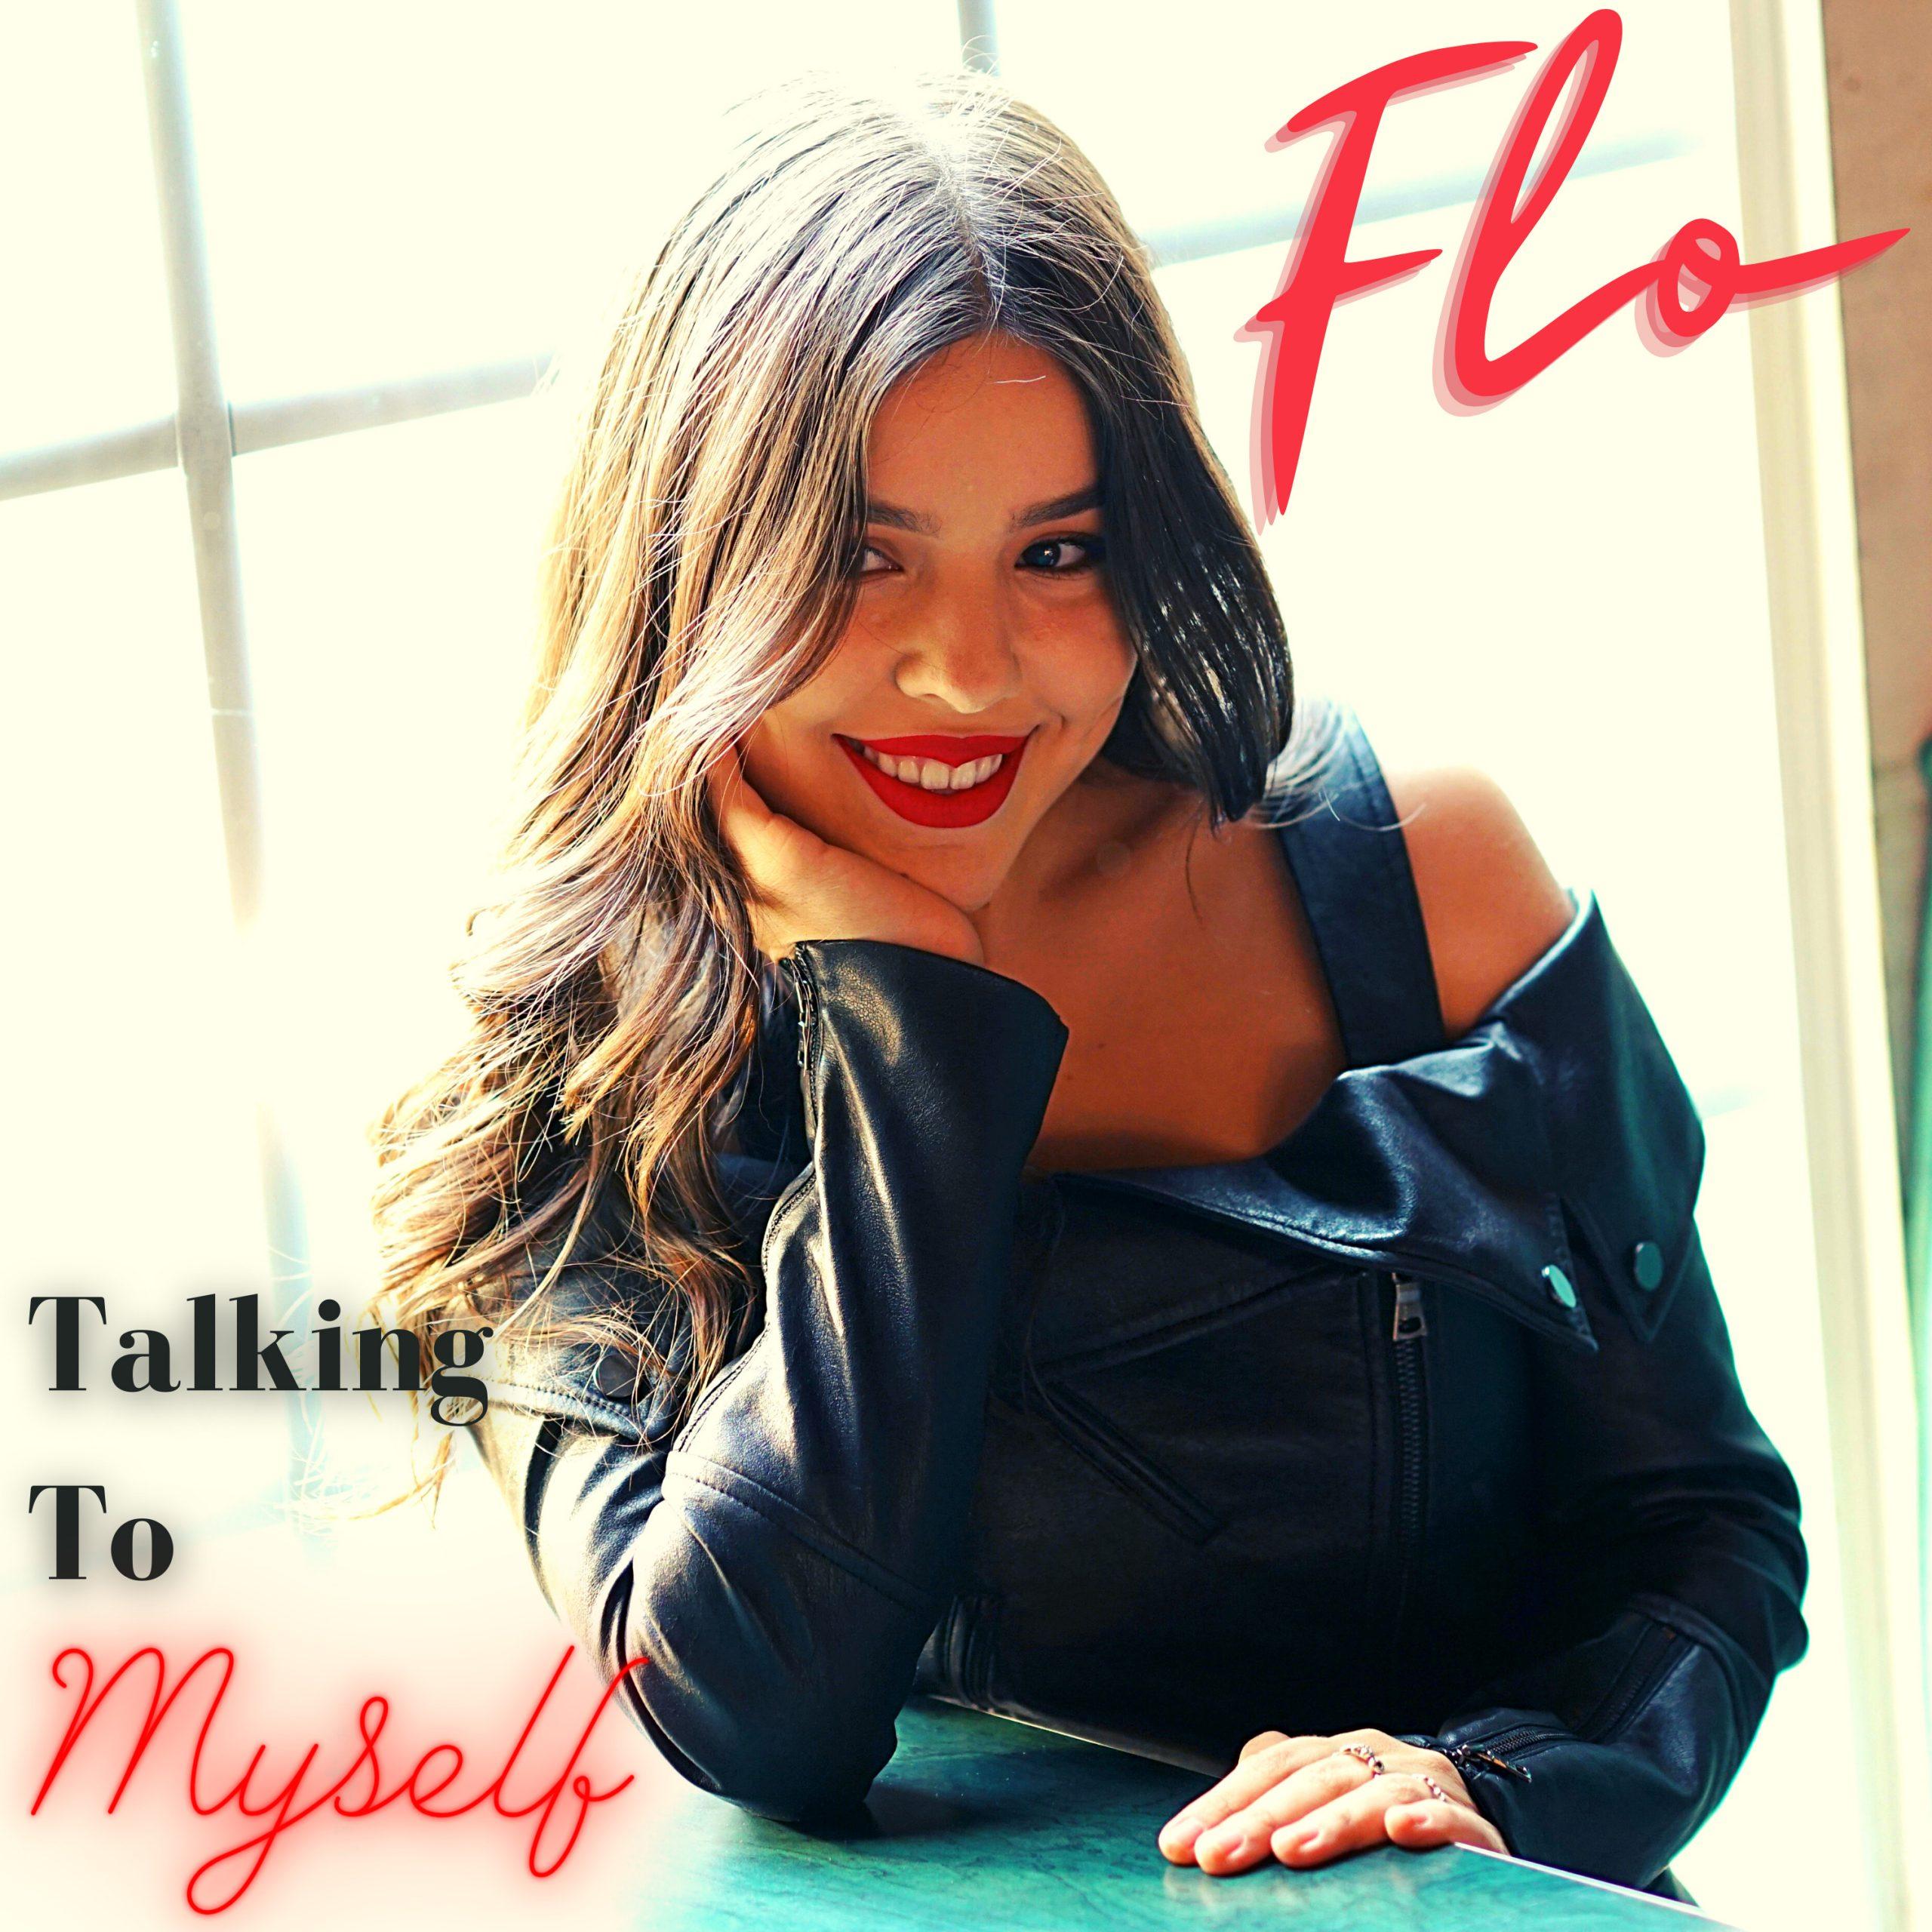 Flo_TalkingToMyself_cvr_lrg-scaled.jpg